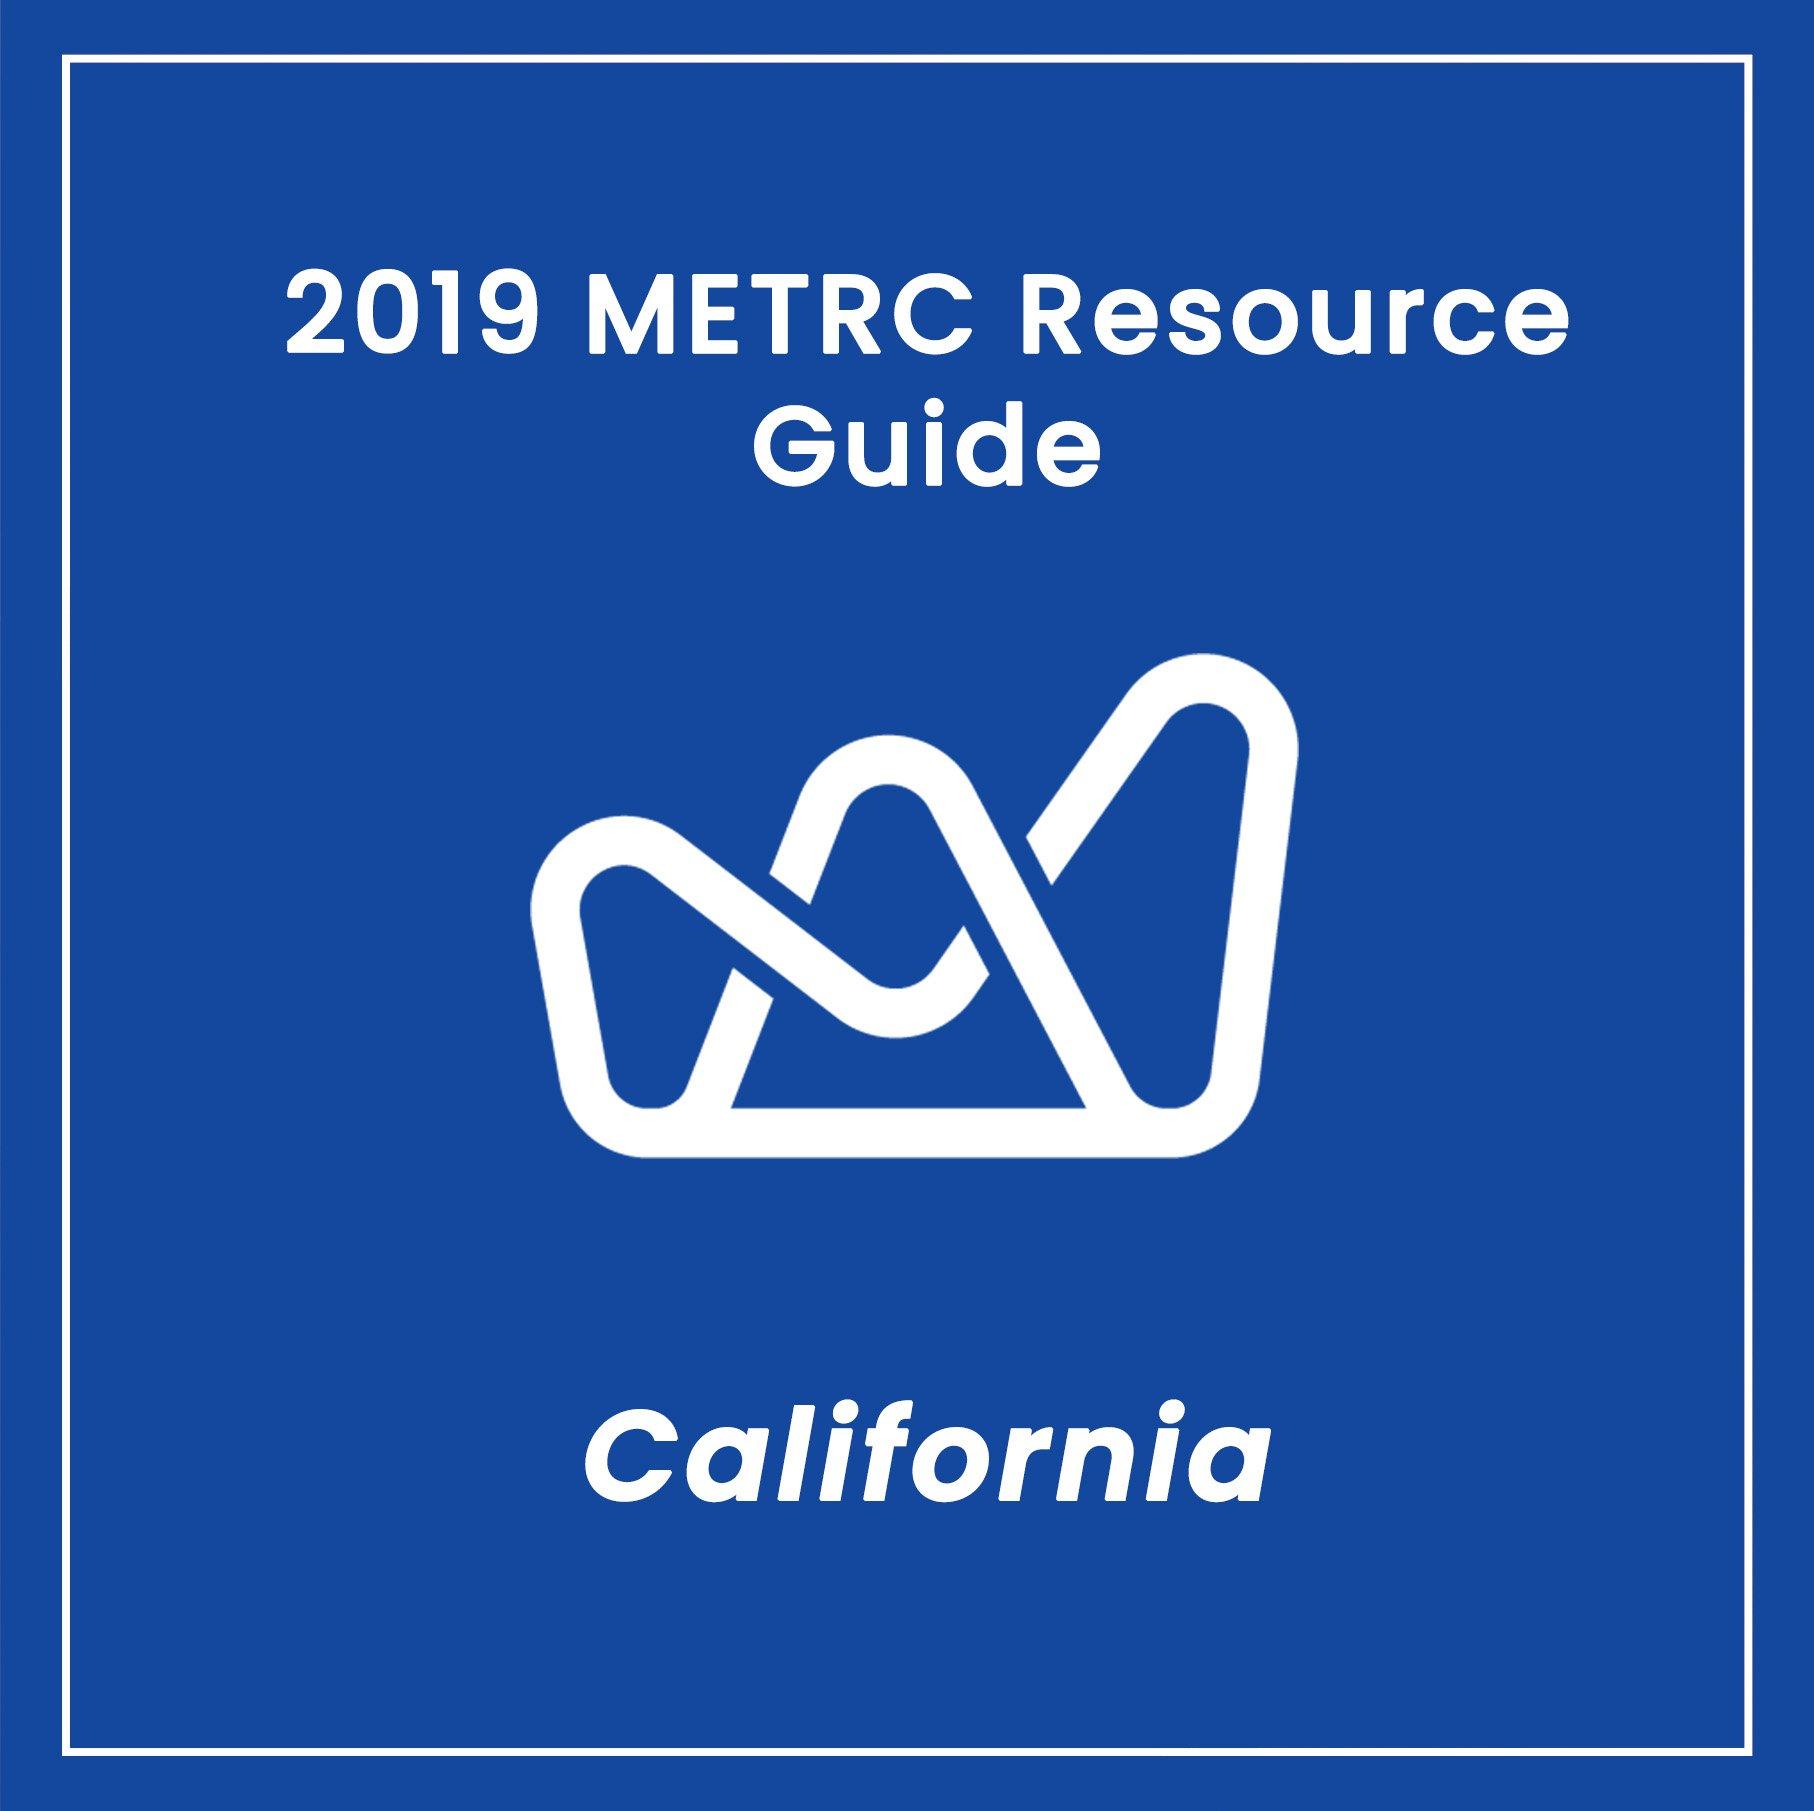 2019 METRC Resource Guide Picture Hubspot.jpg